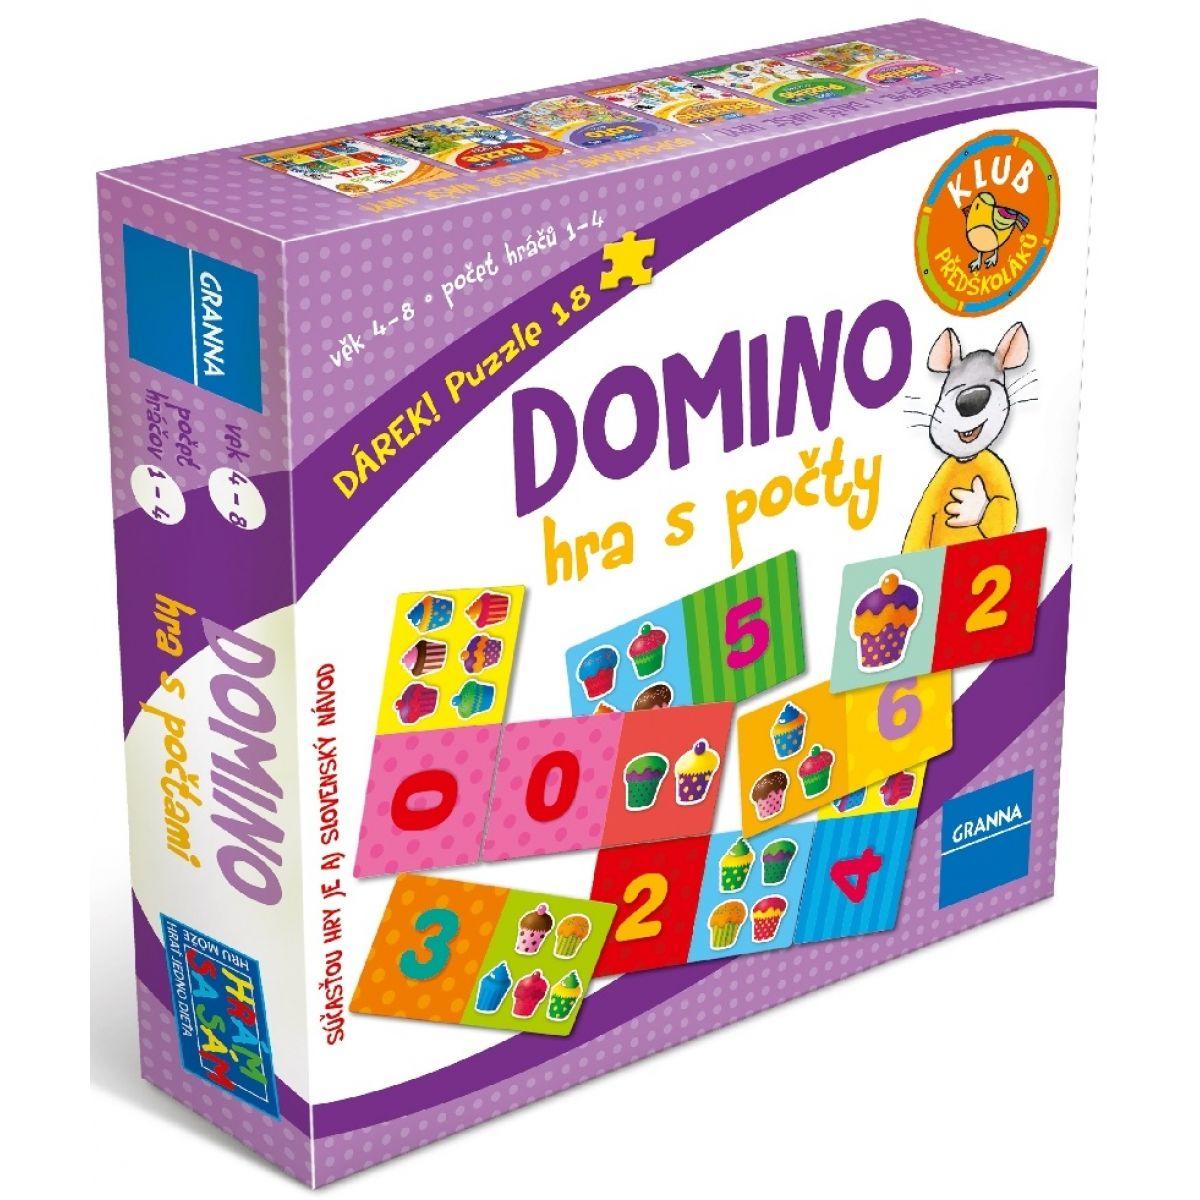 Granna Domino: Hra s počty